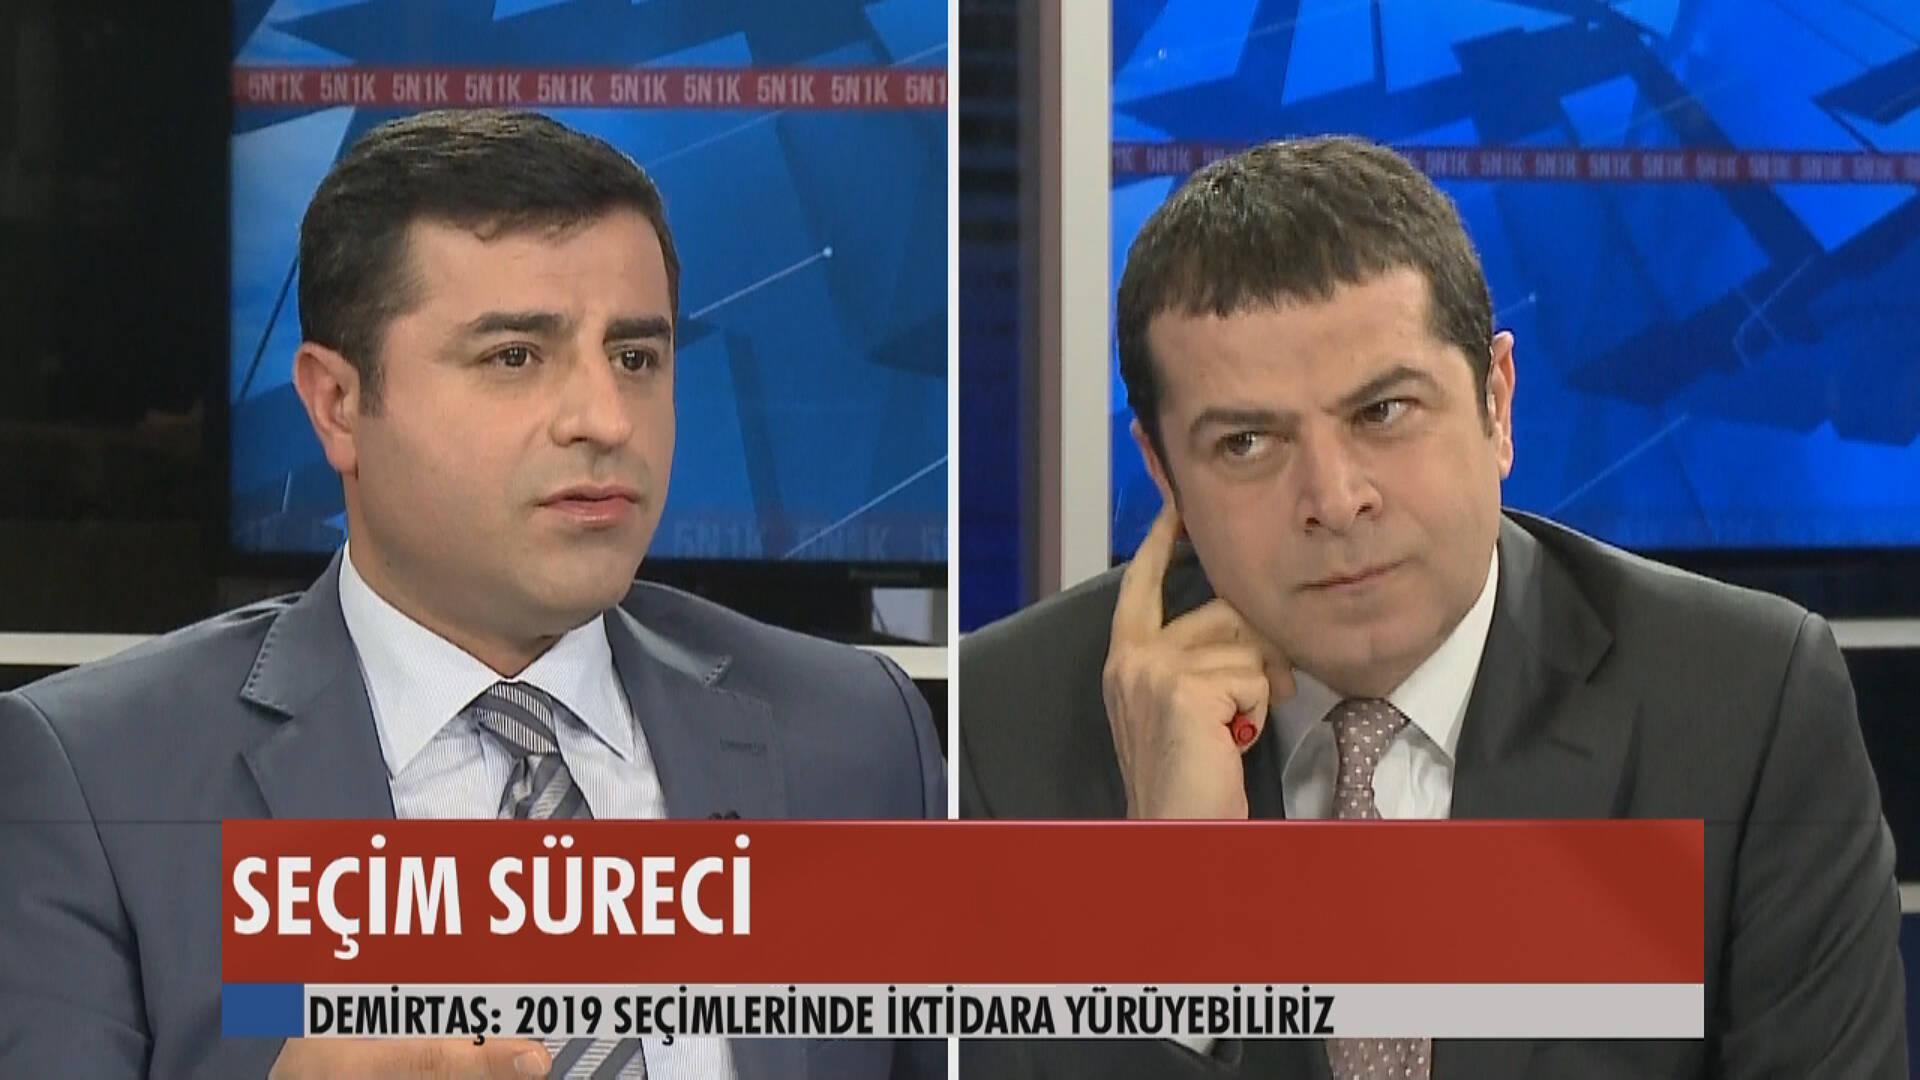 HDP Türkiye'de iktidar olur mu?